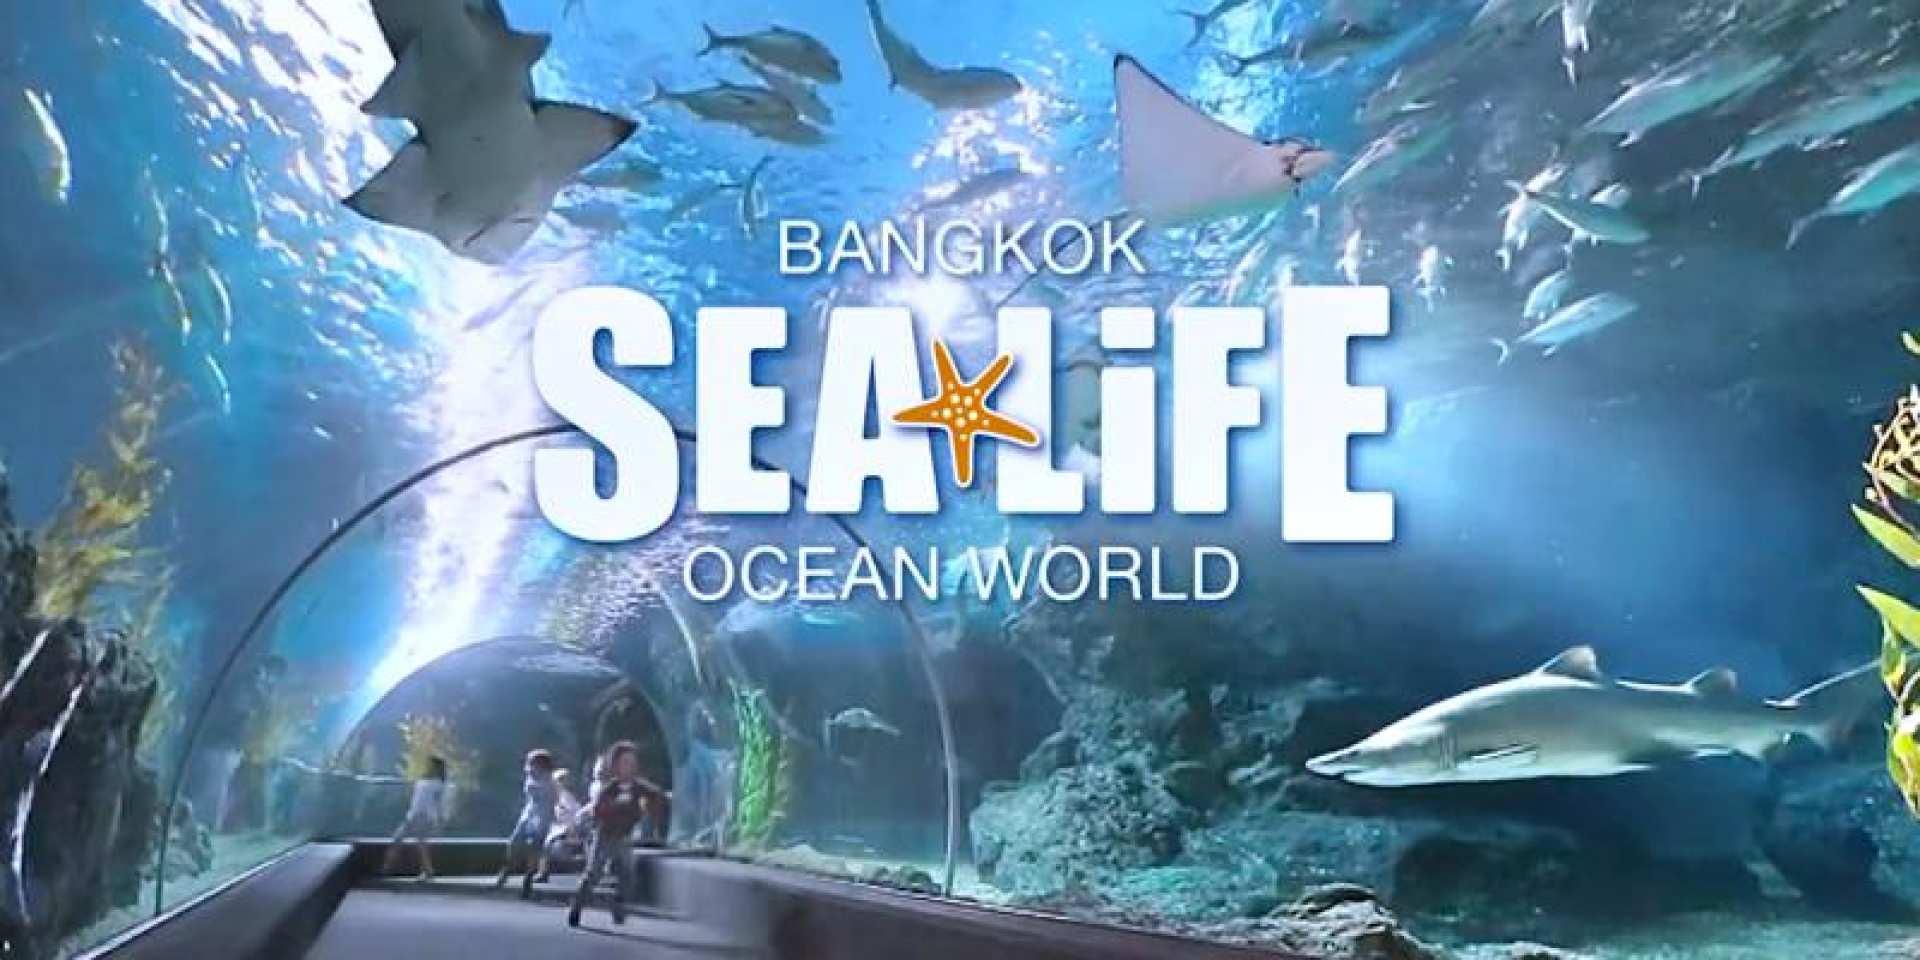 【タイ最大の水族館】シー・ライフ・バンコク・オーシャン・ワールド入場チケット